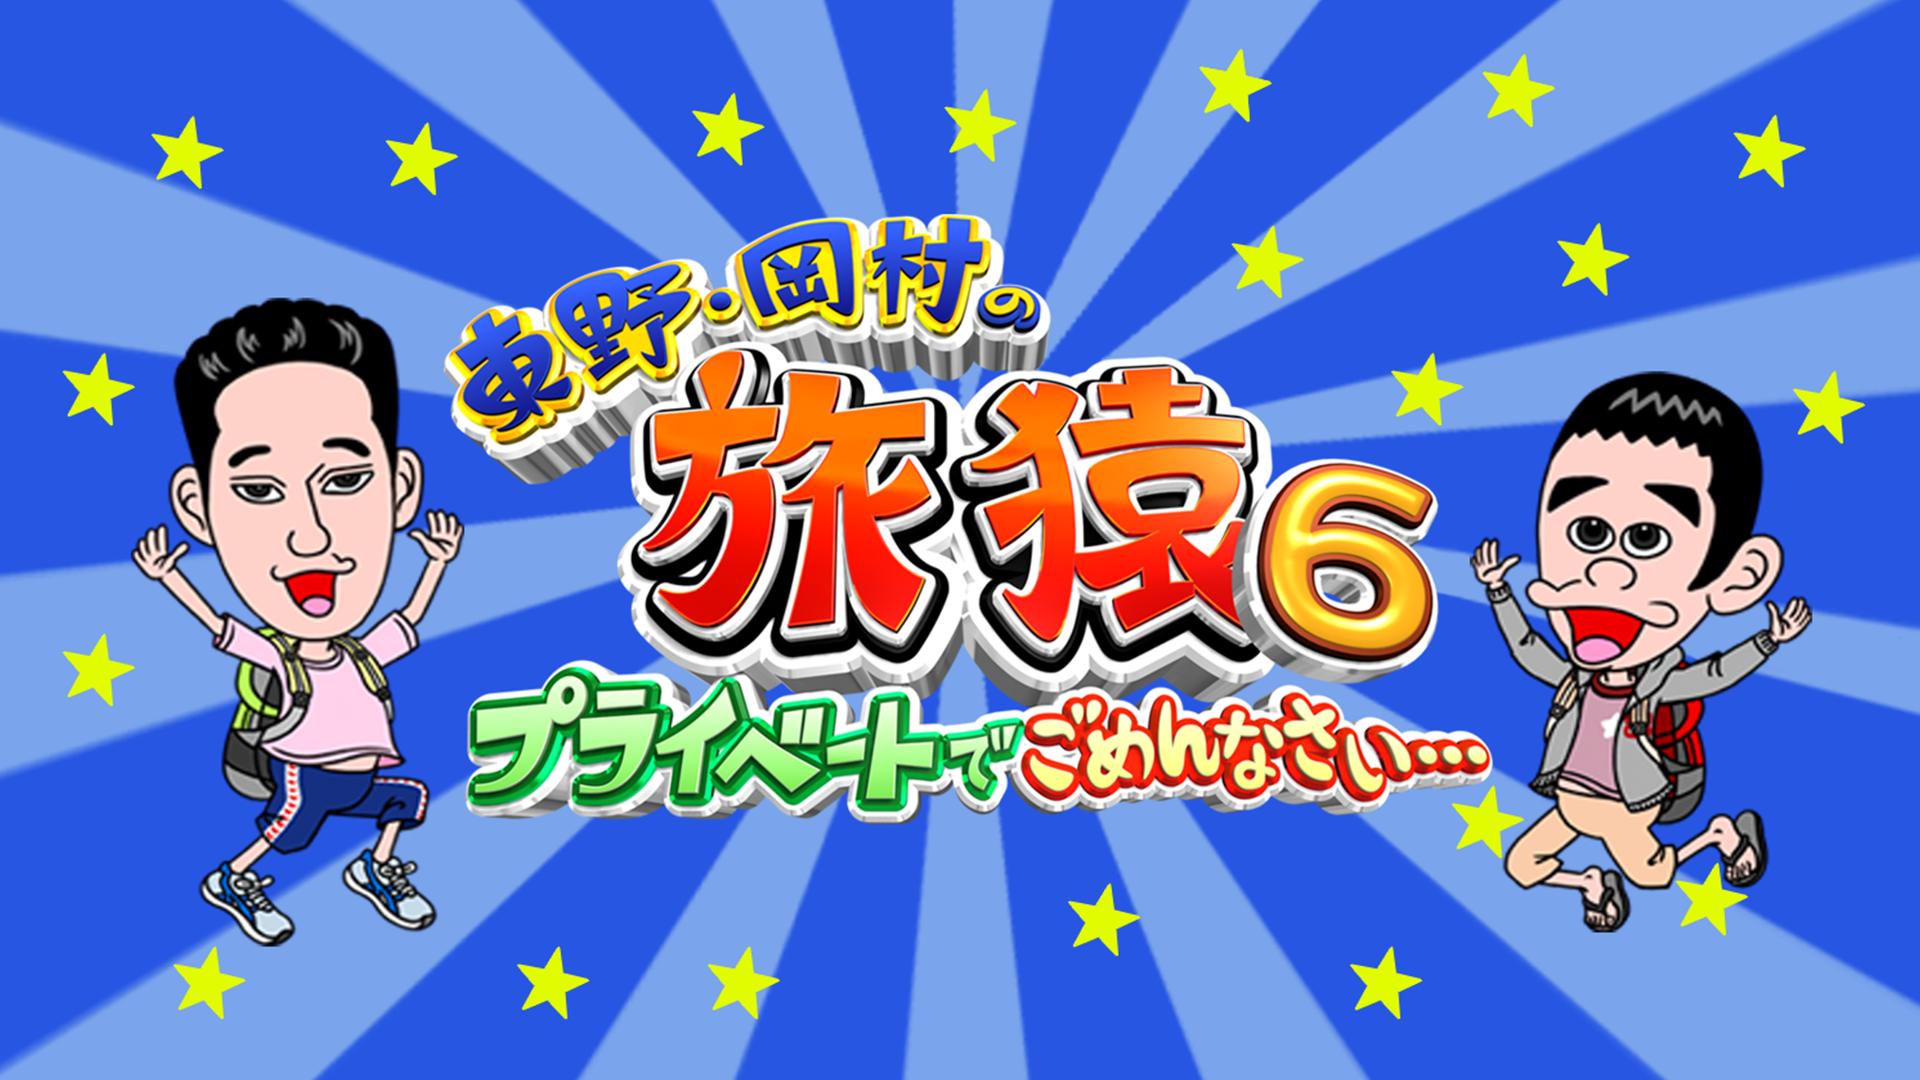 東野・岡村の旅猿6~プライベートでごめんなさい~の動画 - 東野・岡村の旅猿13~プライベートでごめんなさい~